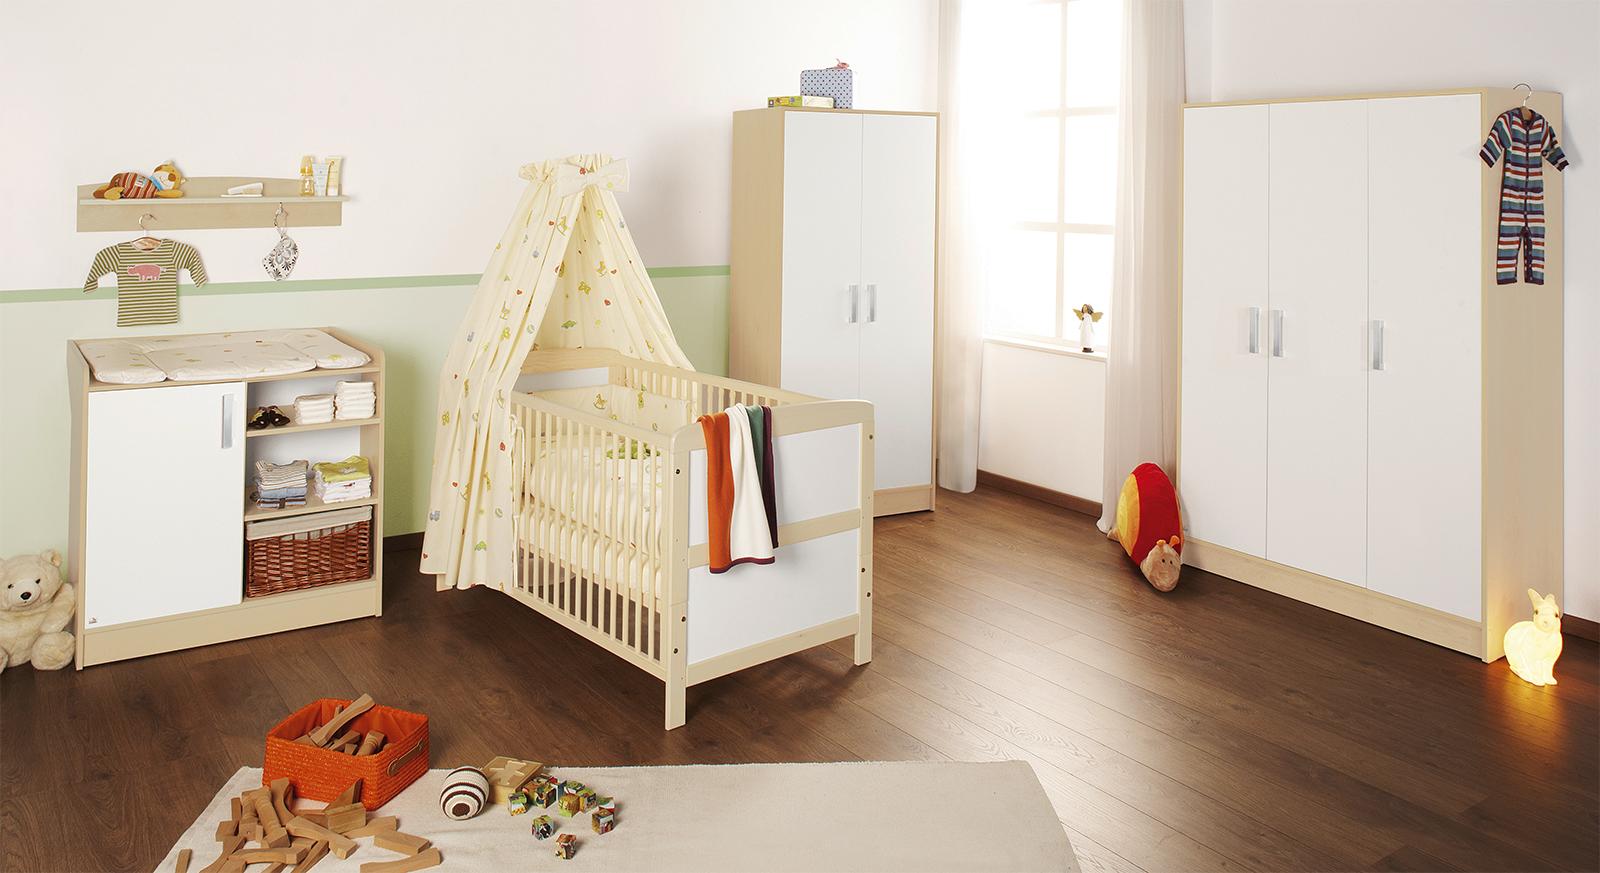 babyzimmer komplett als set günstig kaufen | betten.de